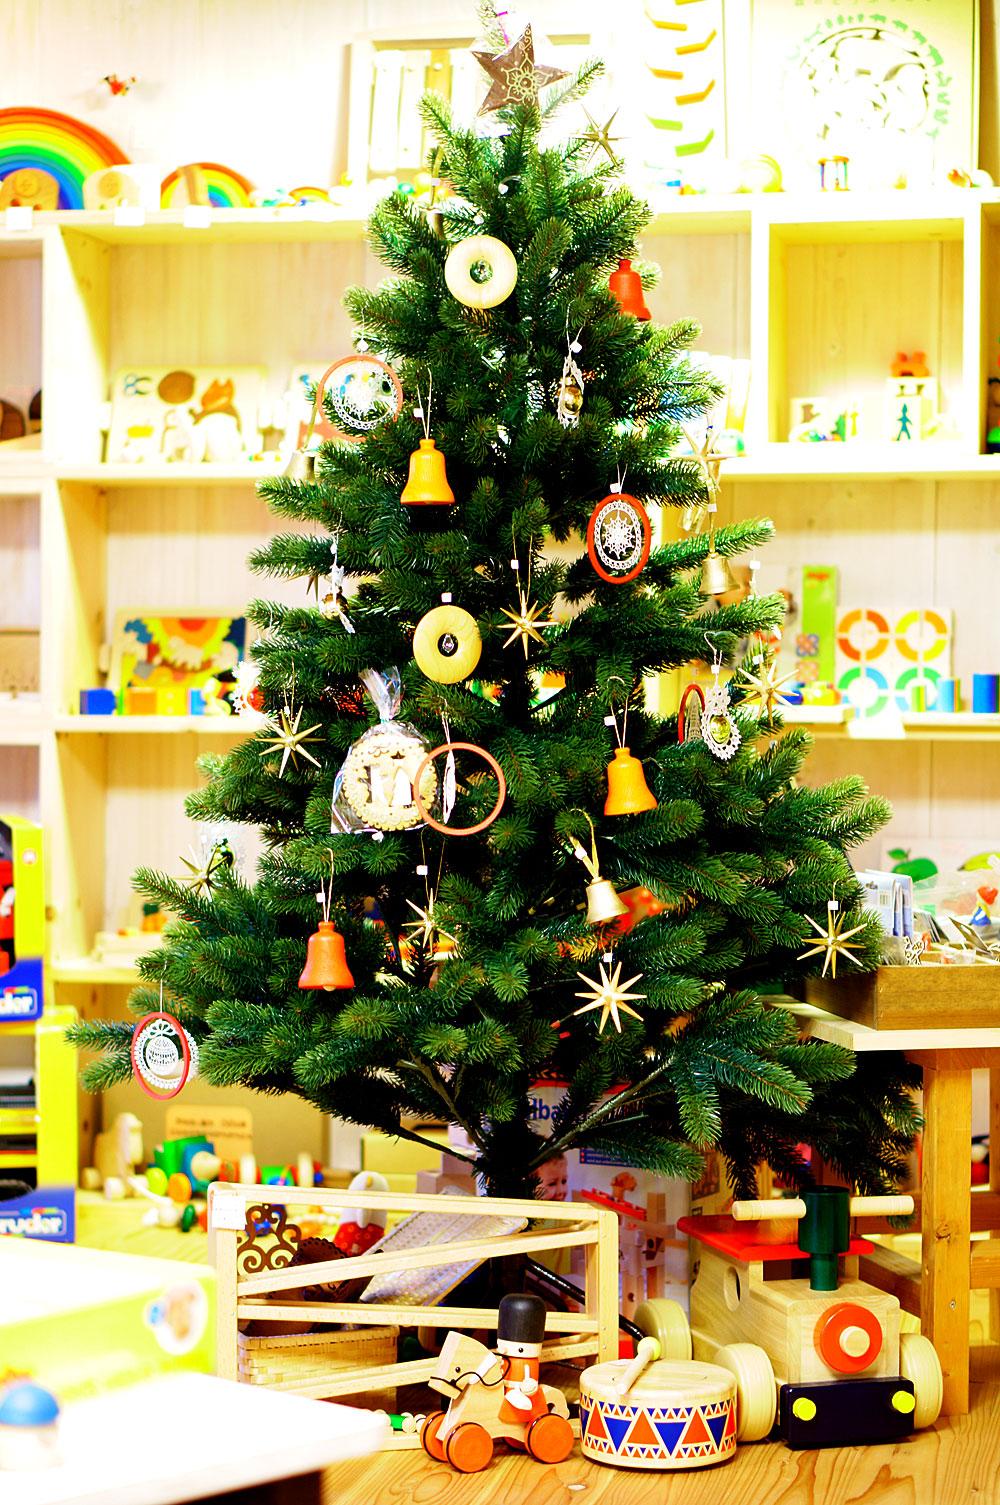 RSグローバルトレード社クリスマスツリー